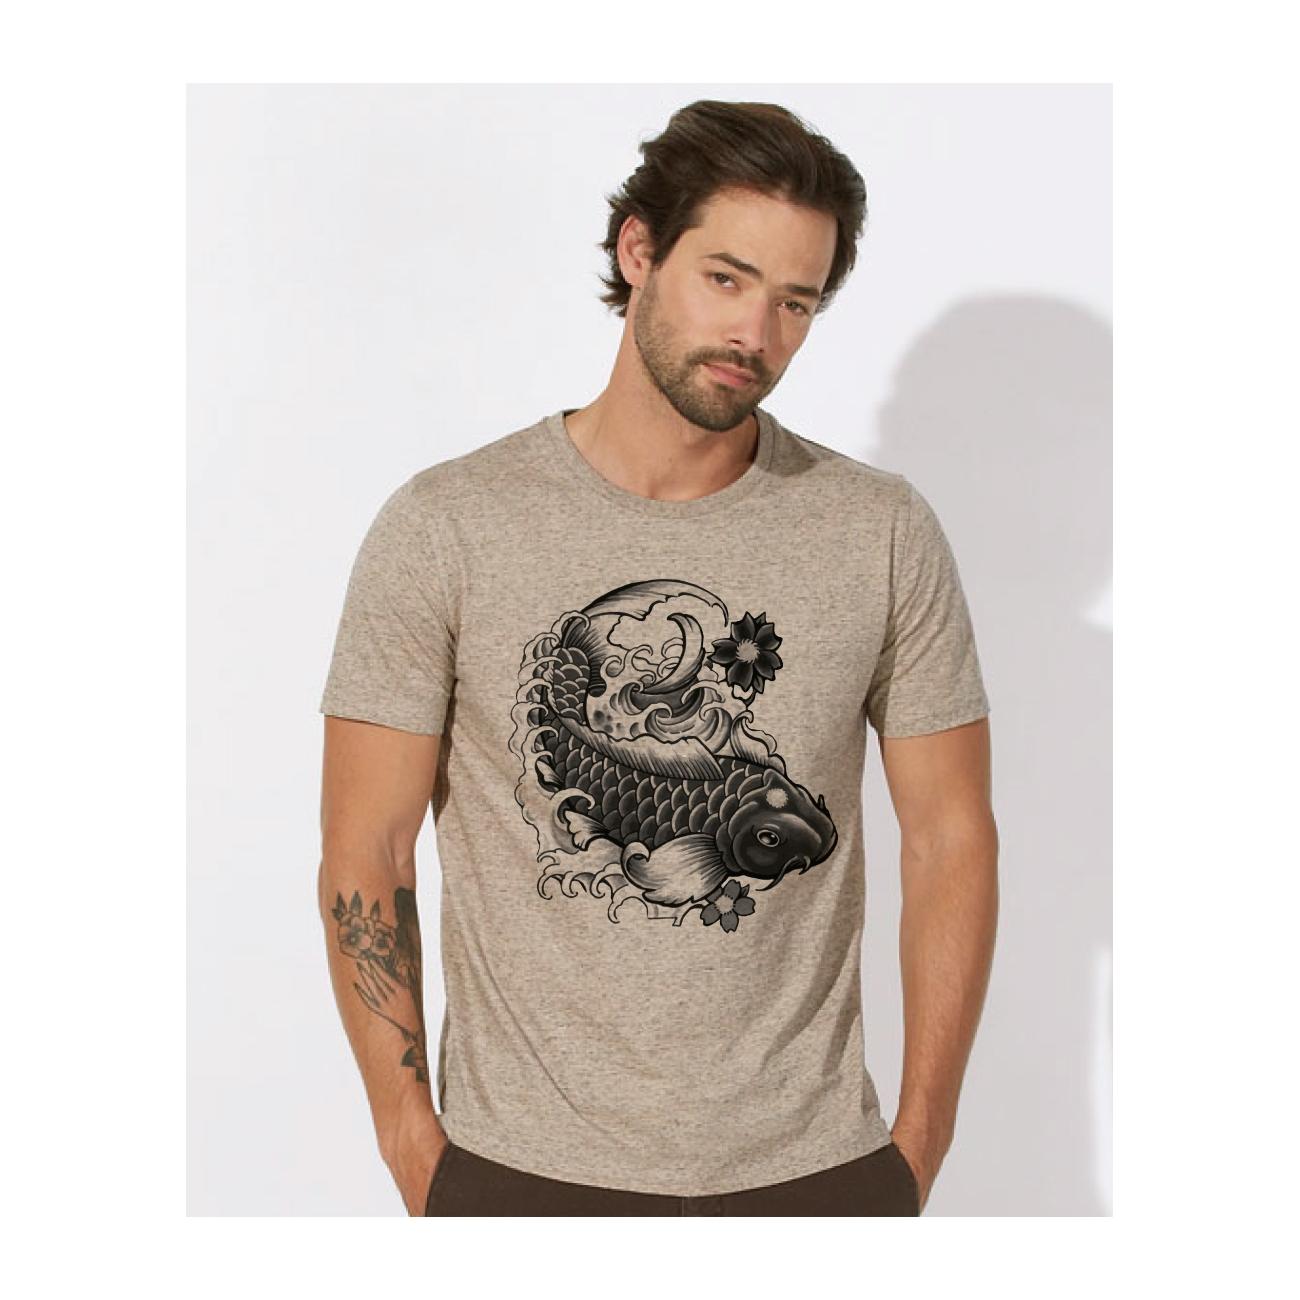 https://tee-shirt-bio.com/3647-thickbox_default/tee-shirt-homme-100-coton-bio-doux-equitable-beau-beige-chine-imprime-ide-japonais-leads-187-.jpg